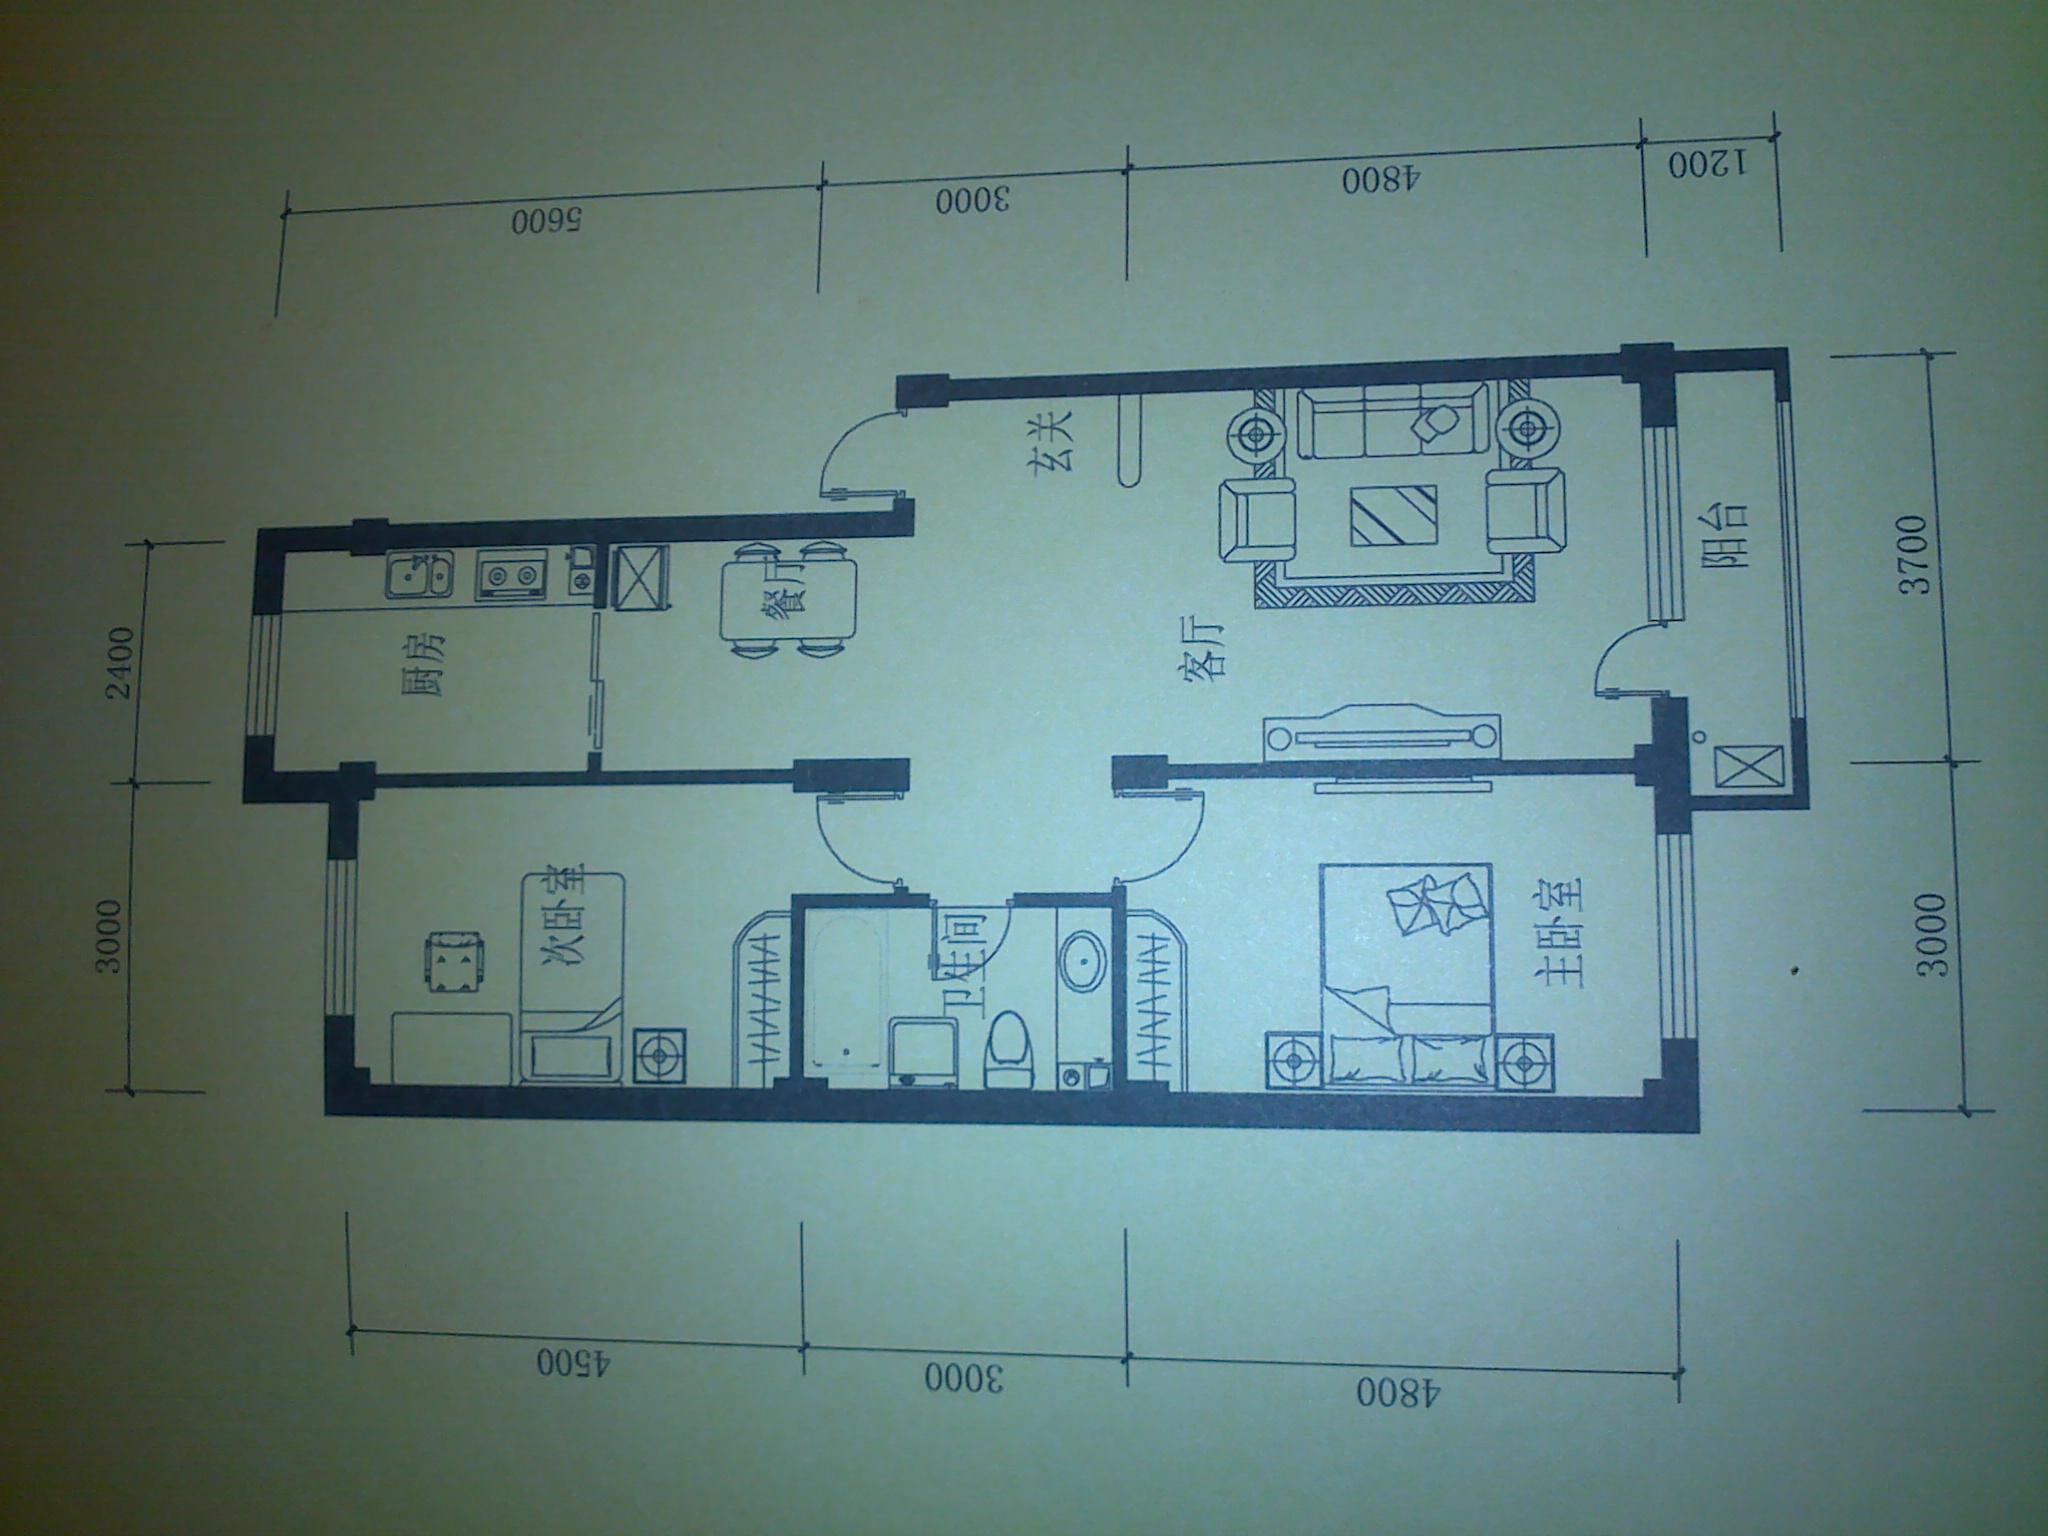 求房子的设计效果图 以下是房子的平面图.xuzhenfei8 高清图片